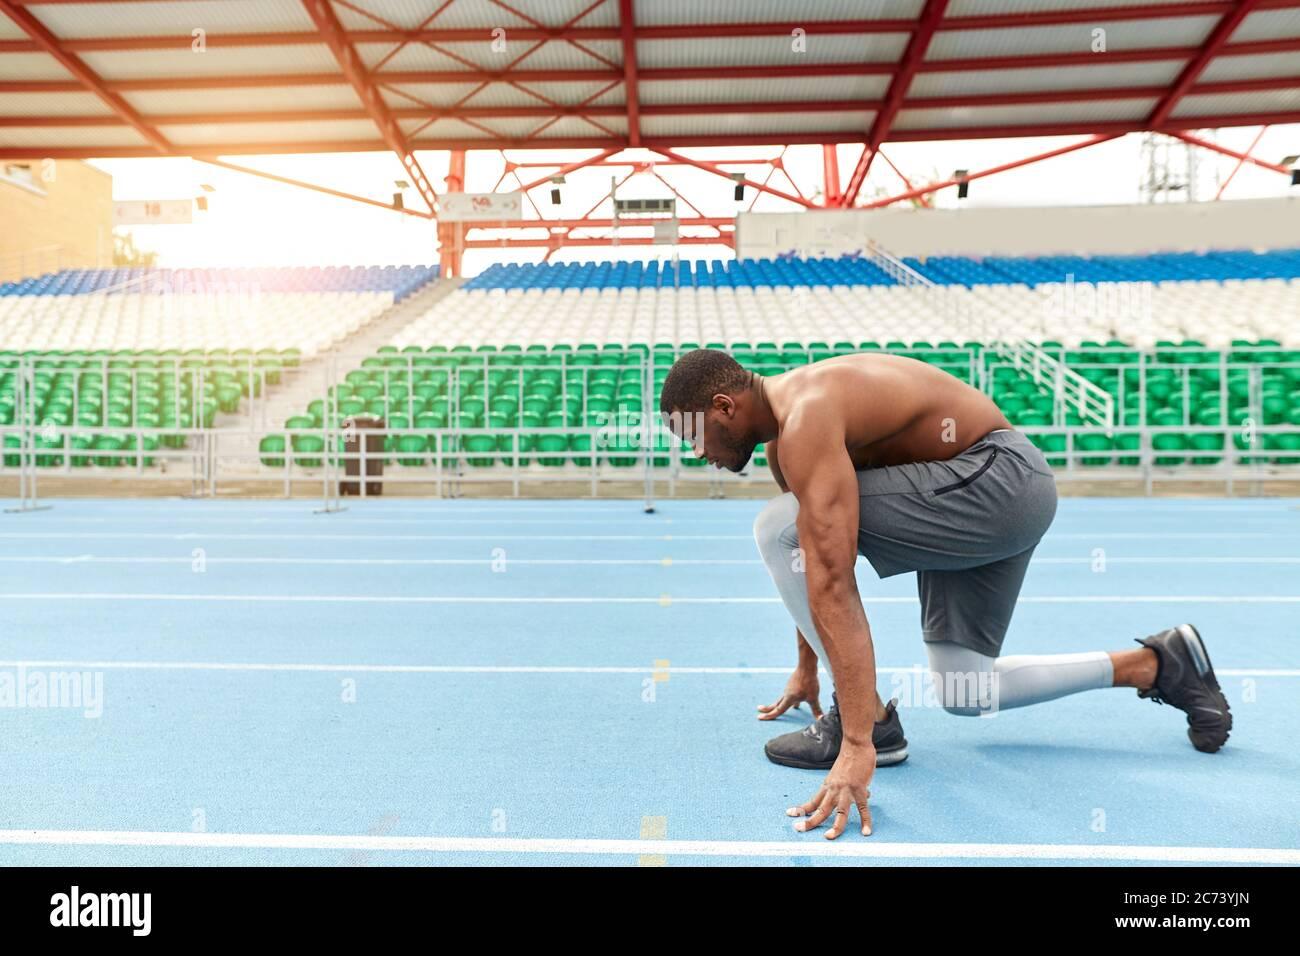 el talentoso corredor africano está listo para sprint, hombre parado en la posición de inicio bajo, foto de vista lateral completa. espacio de copia Foto de stock